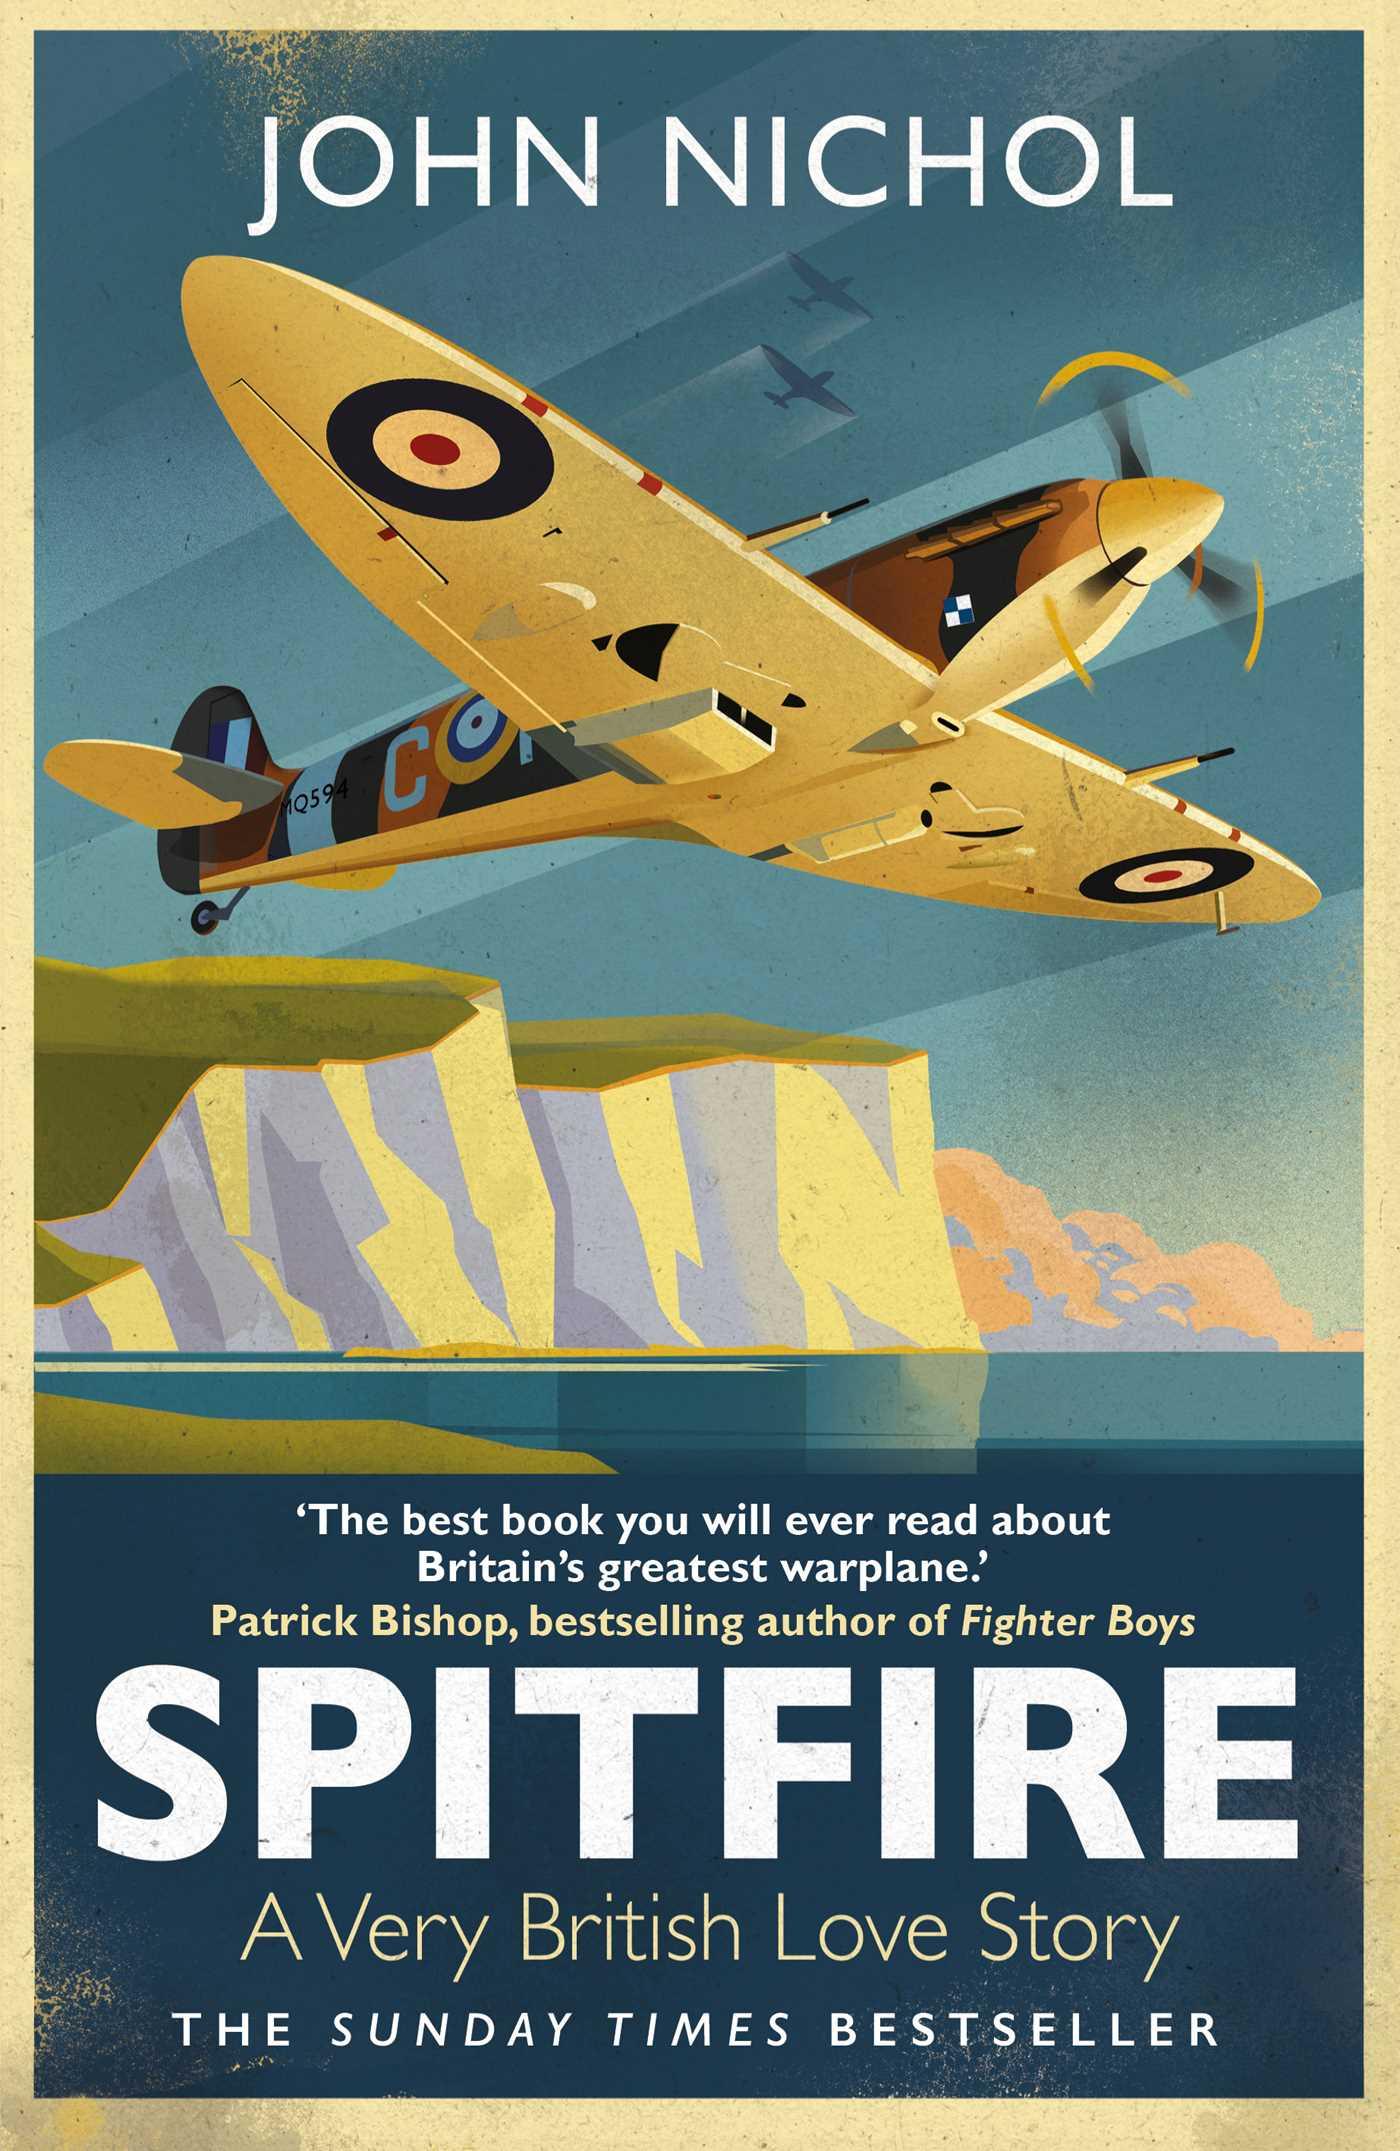 Spitfire 9781471159206 hr